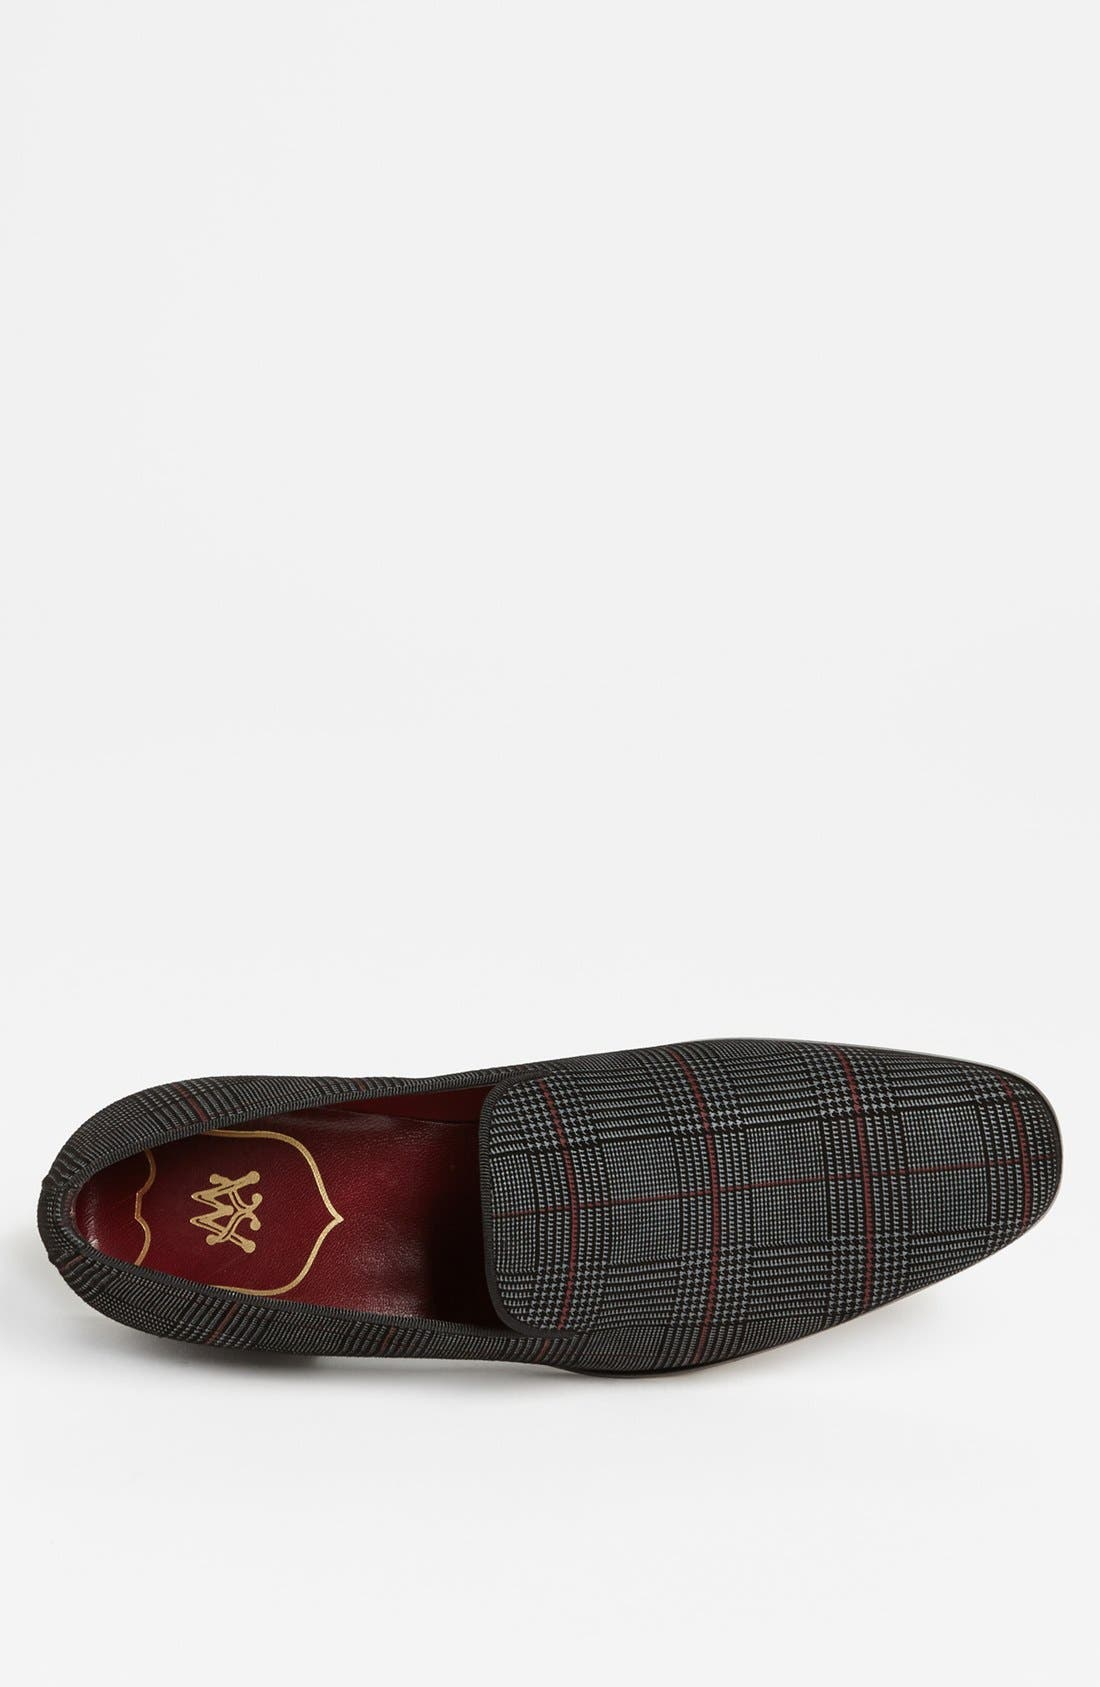 Alternate Image 3  - Mezlan 'Prizzi' Loafer